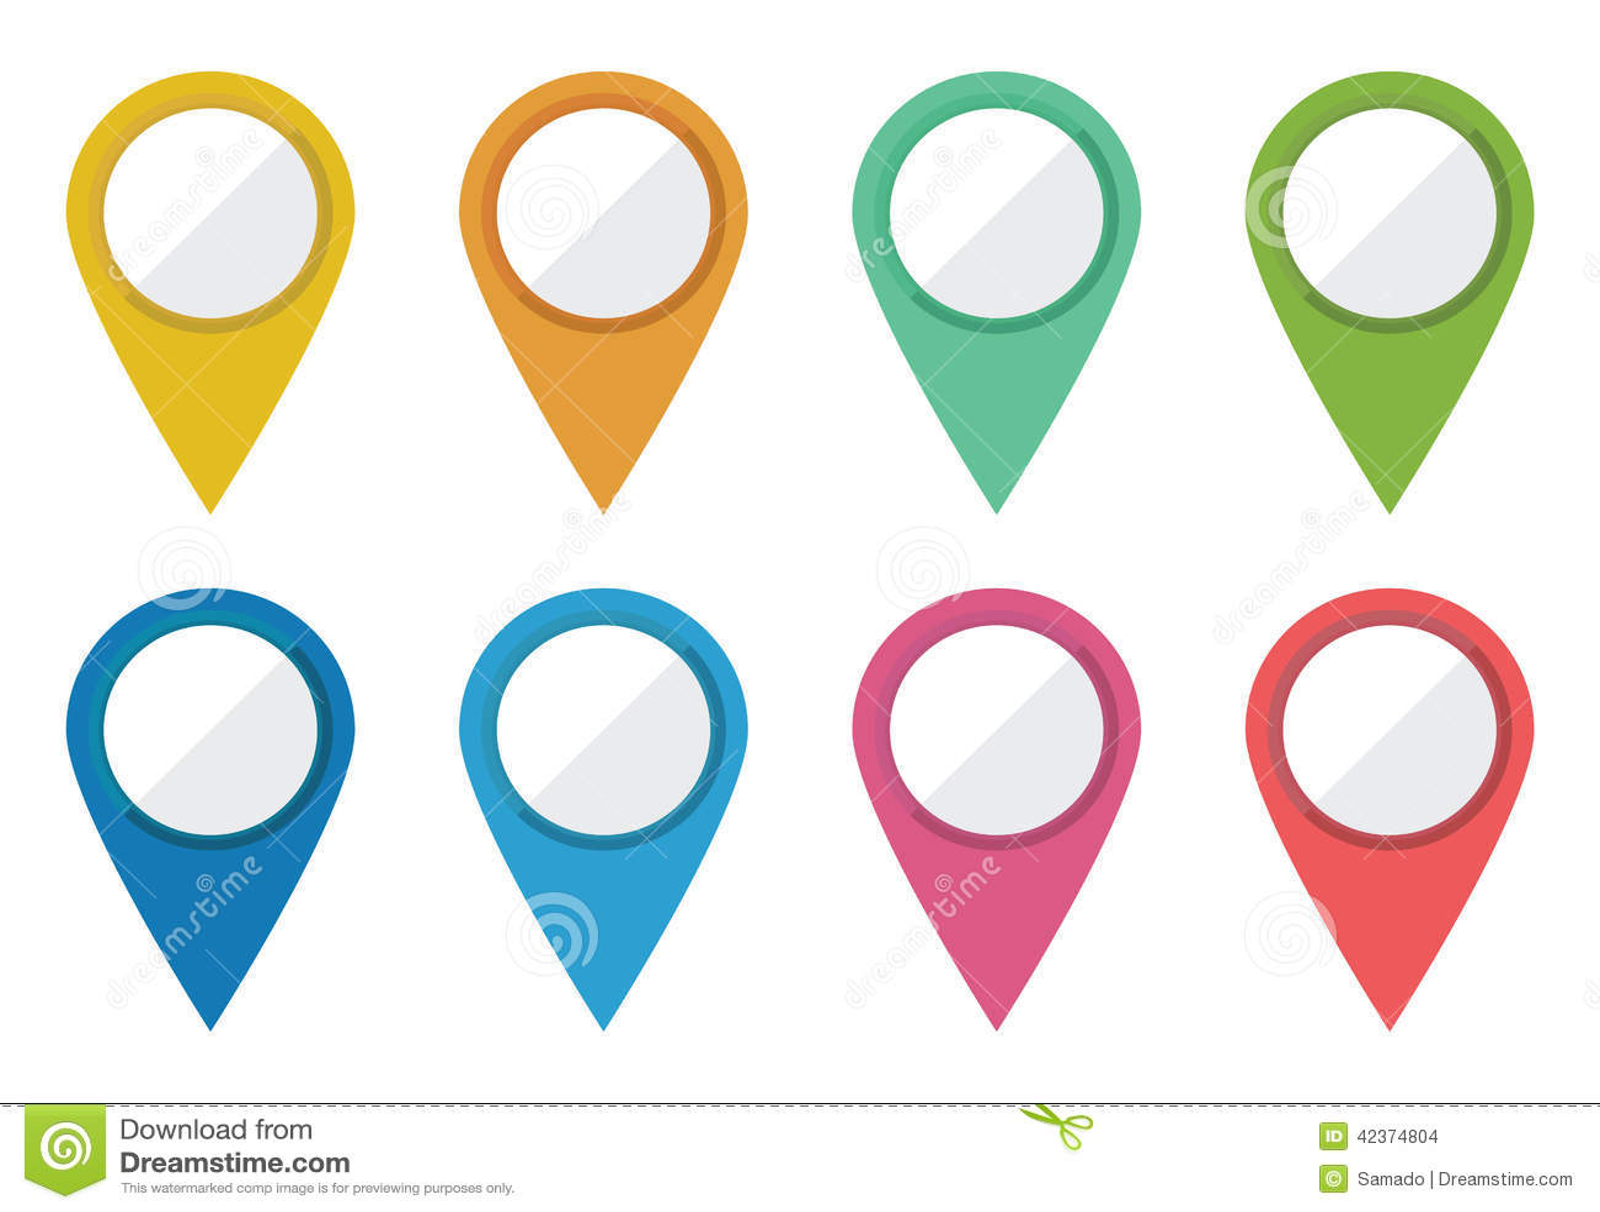 Puntero De Ubicación Con Un Corazón: Punteros De La Localización Ilustración Del Vector